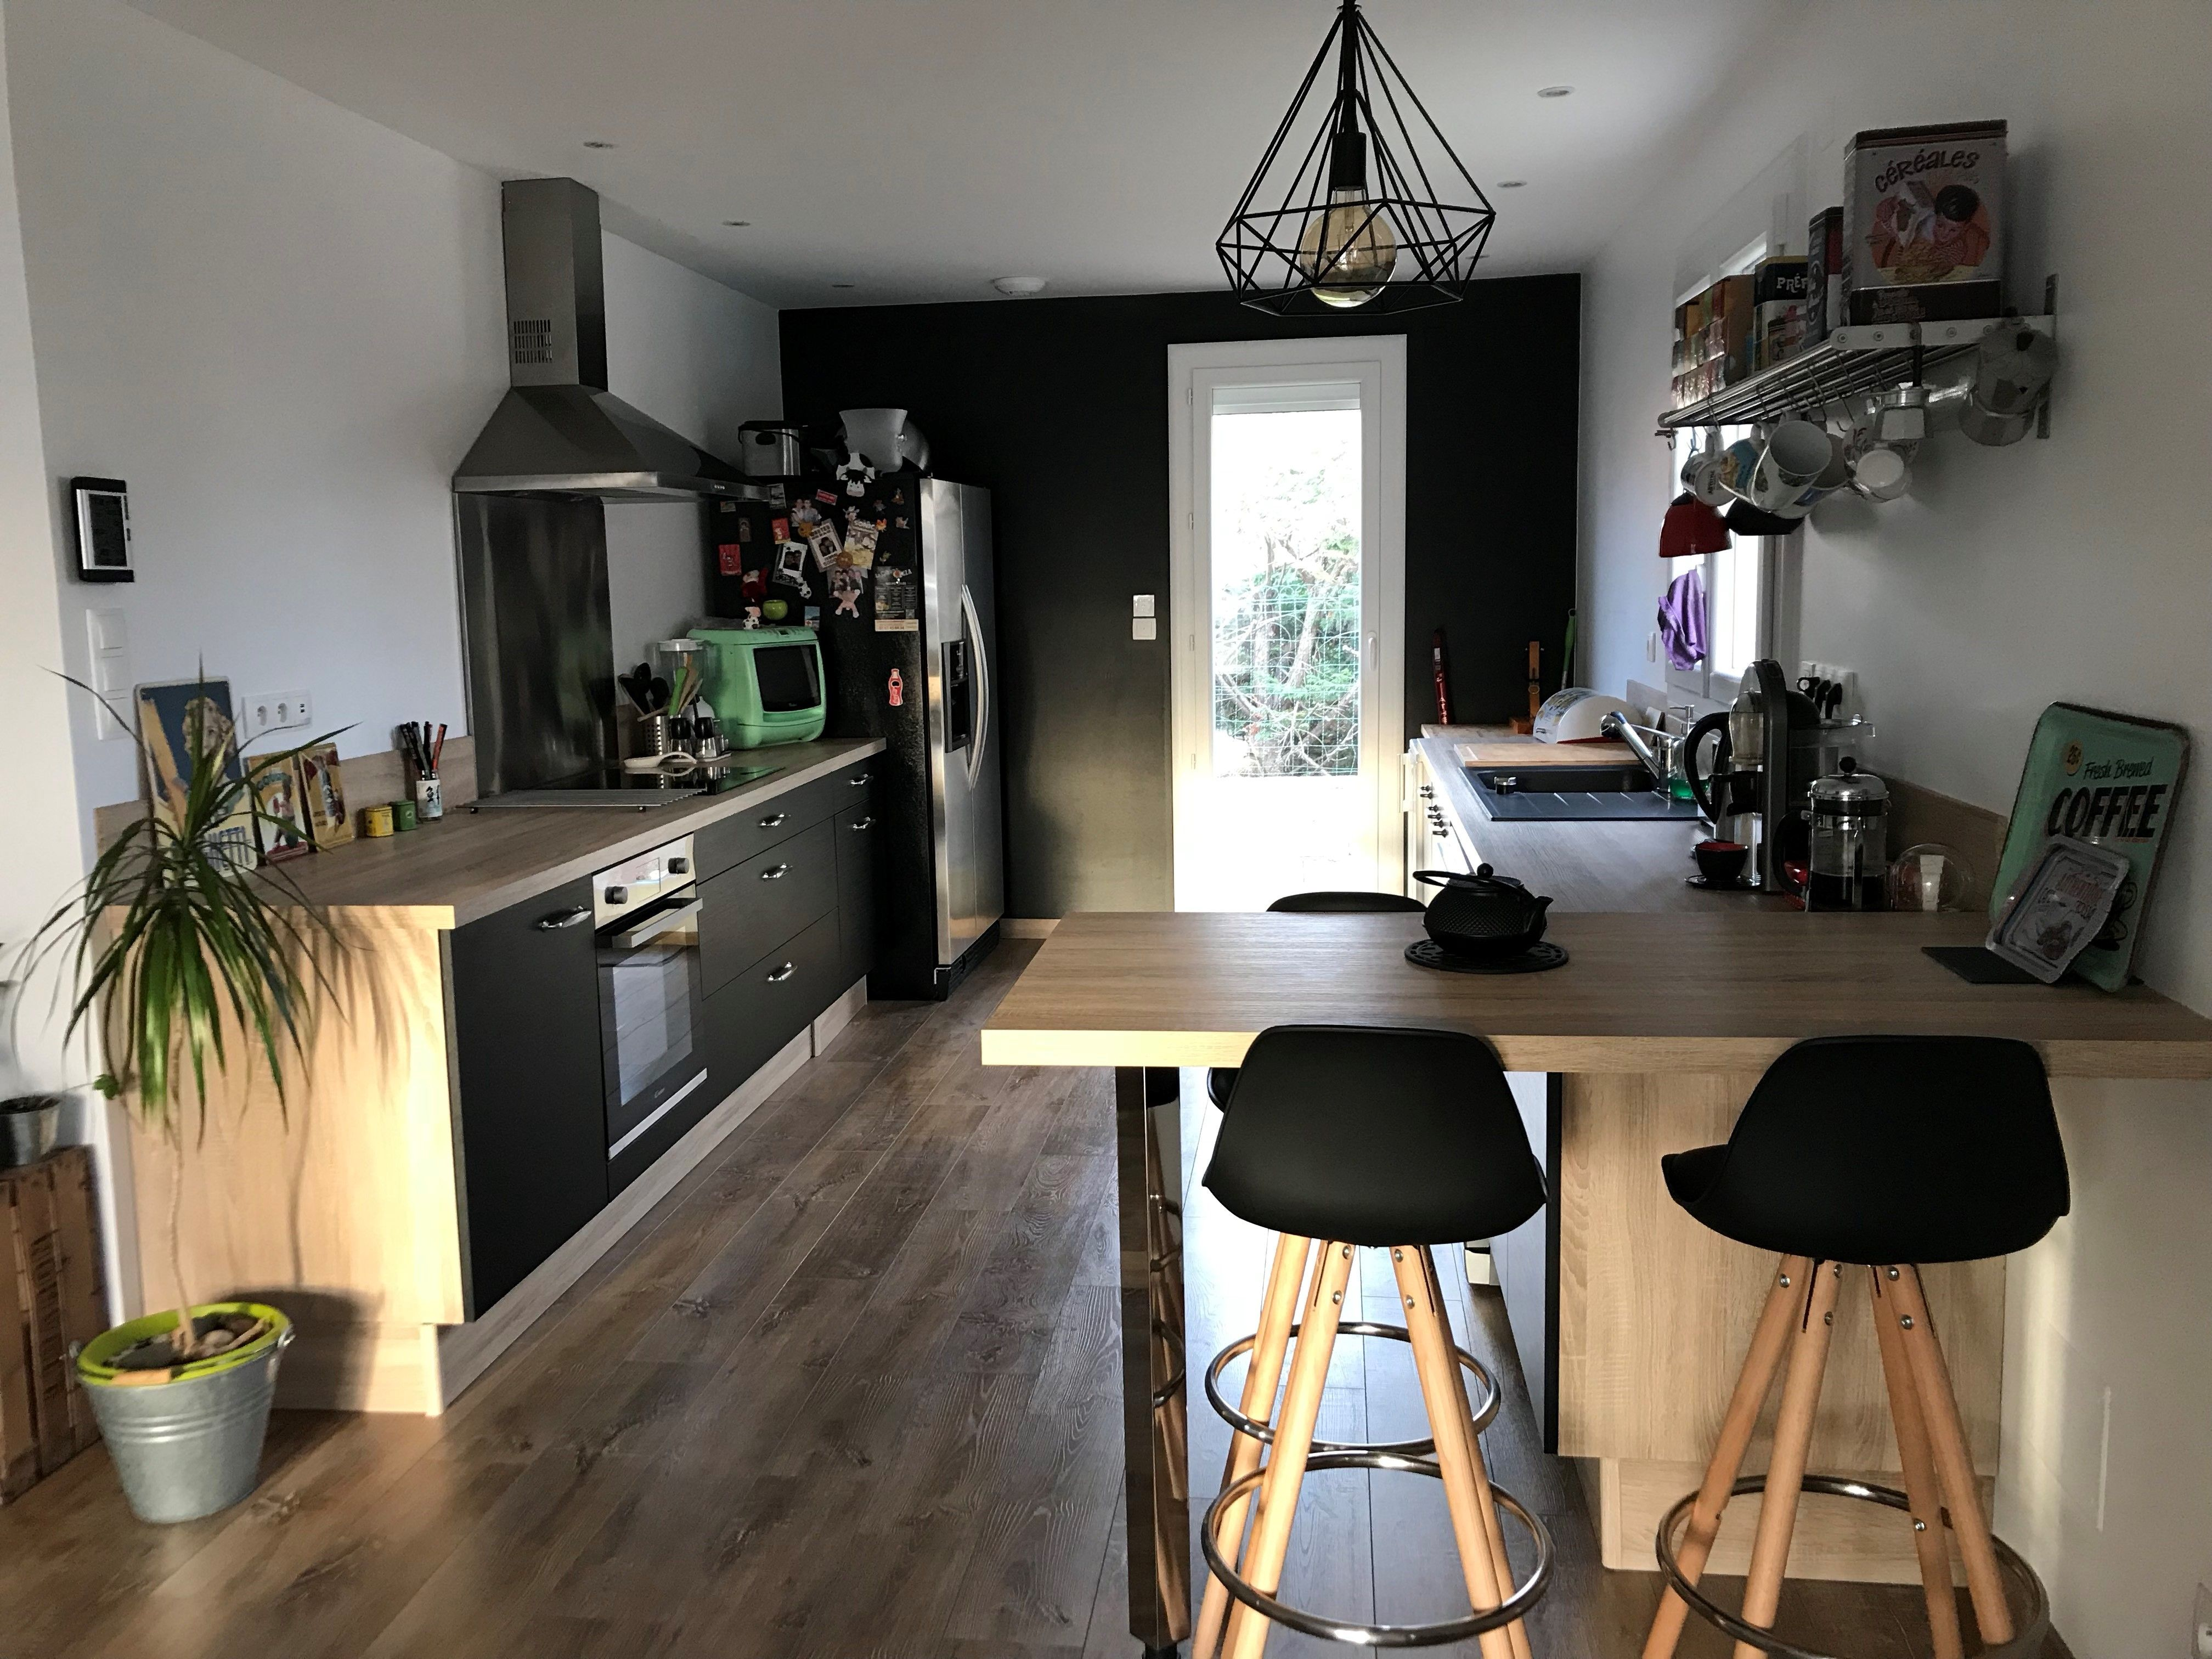 Cuisine ouverte sur le séjour mixant le bois et le noir pour un